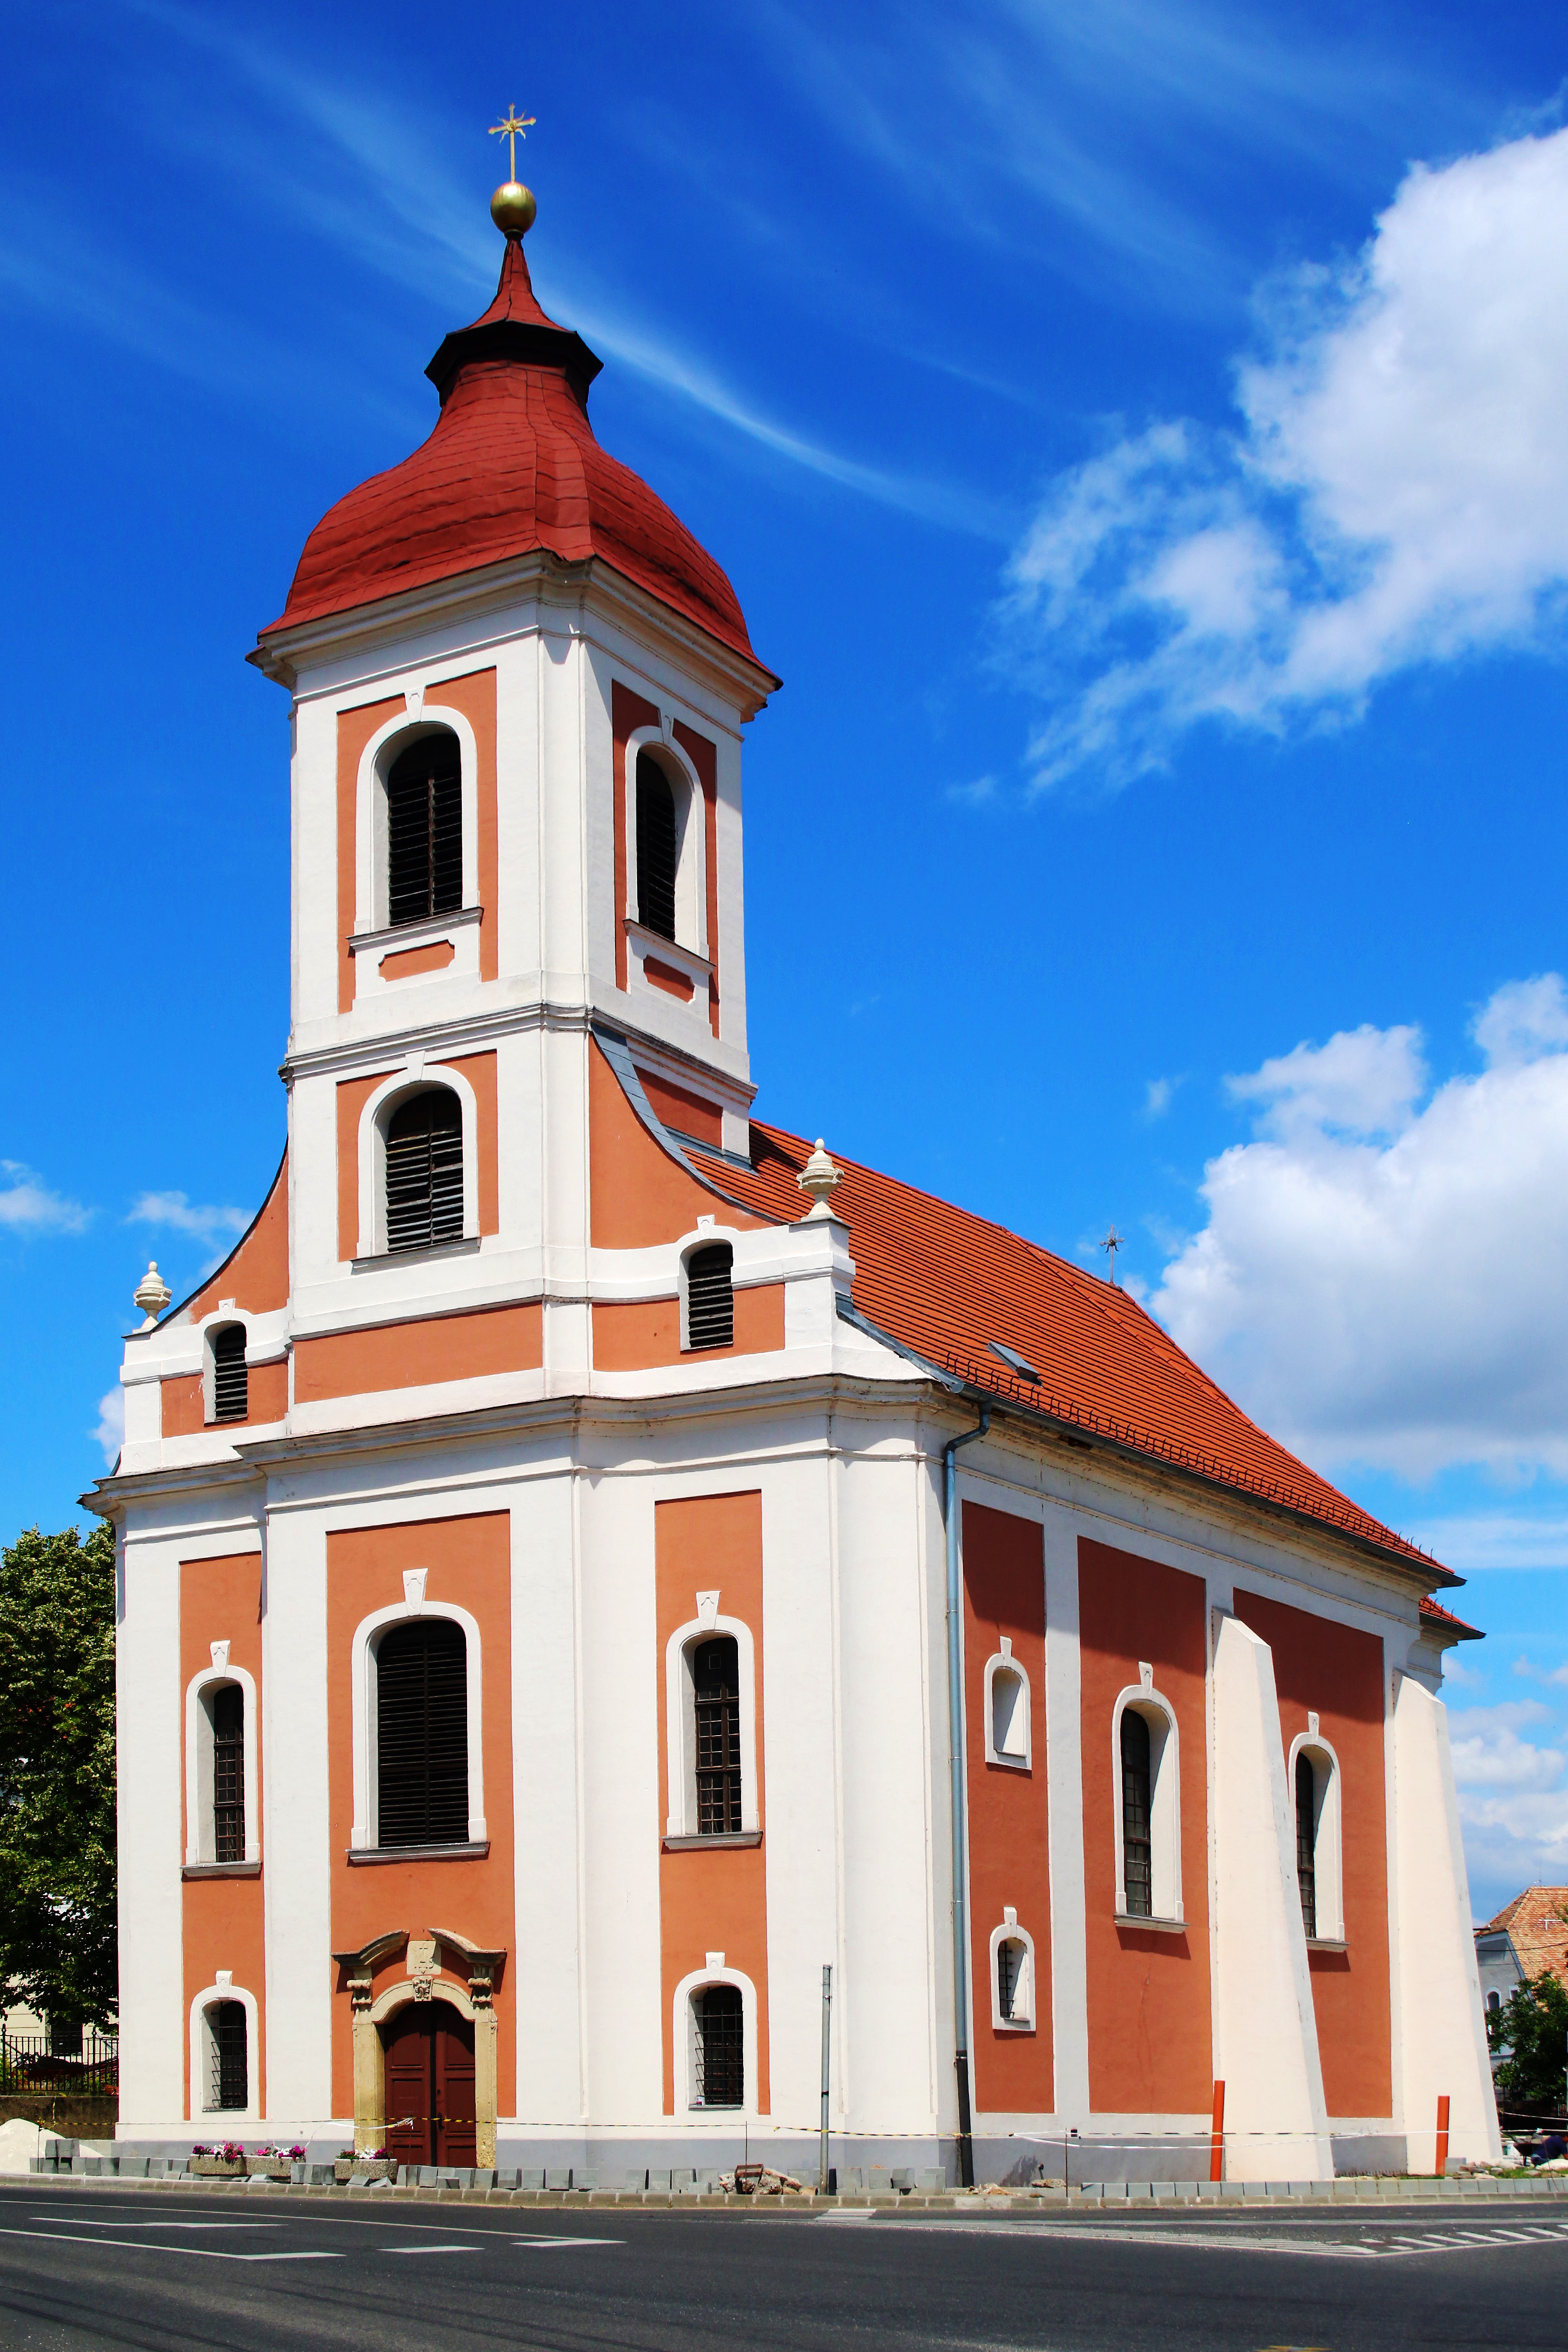 A barokk korabeli Szent Ignác templom Balatonalmádiban